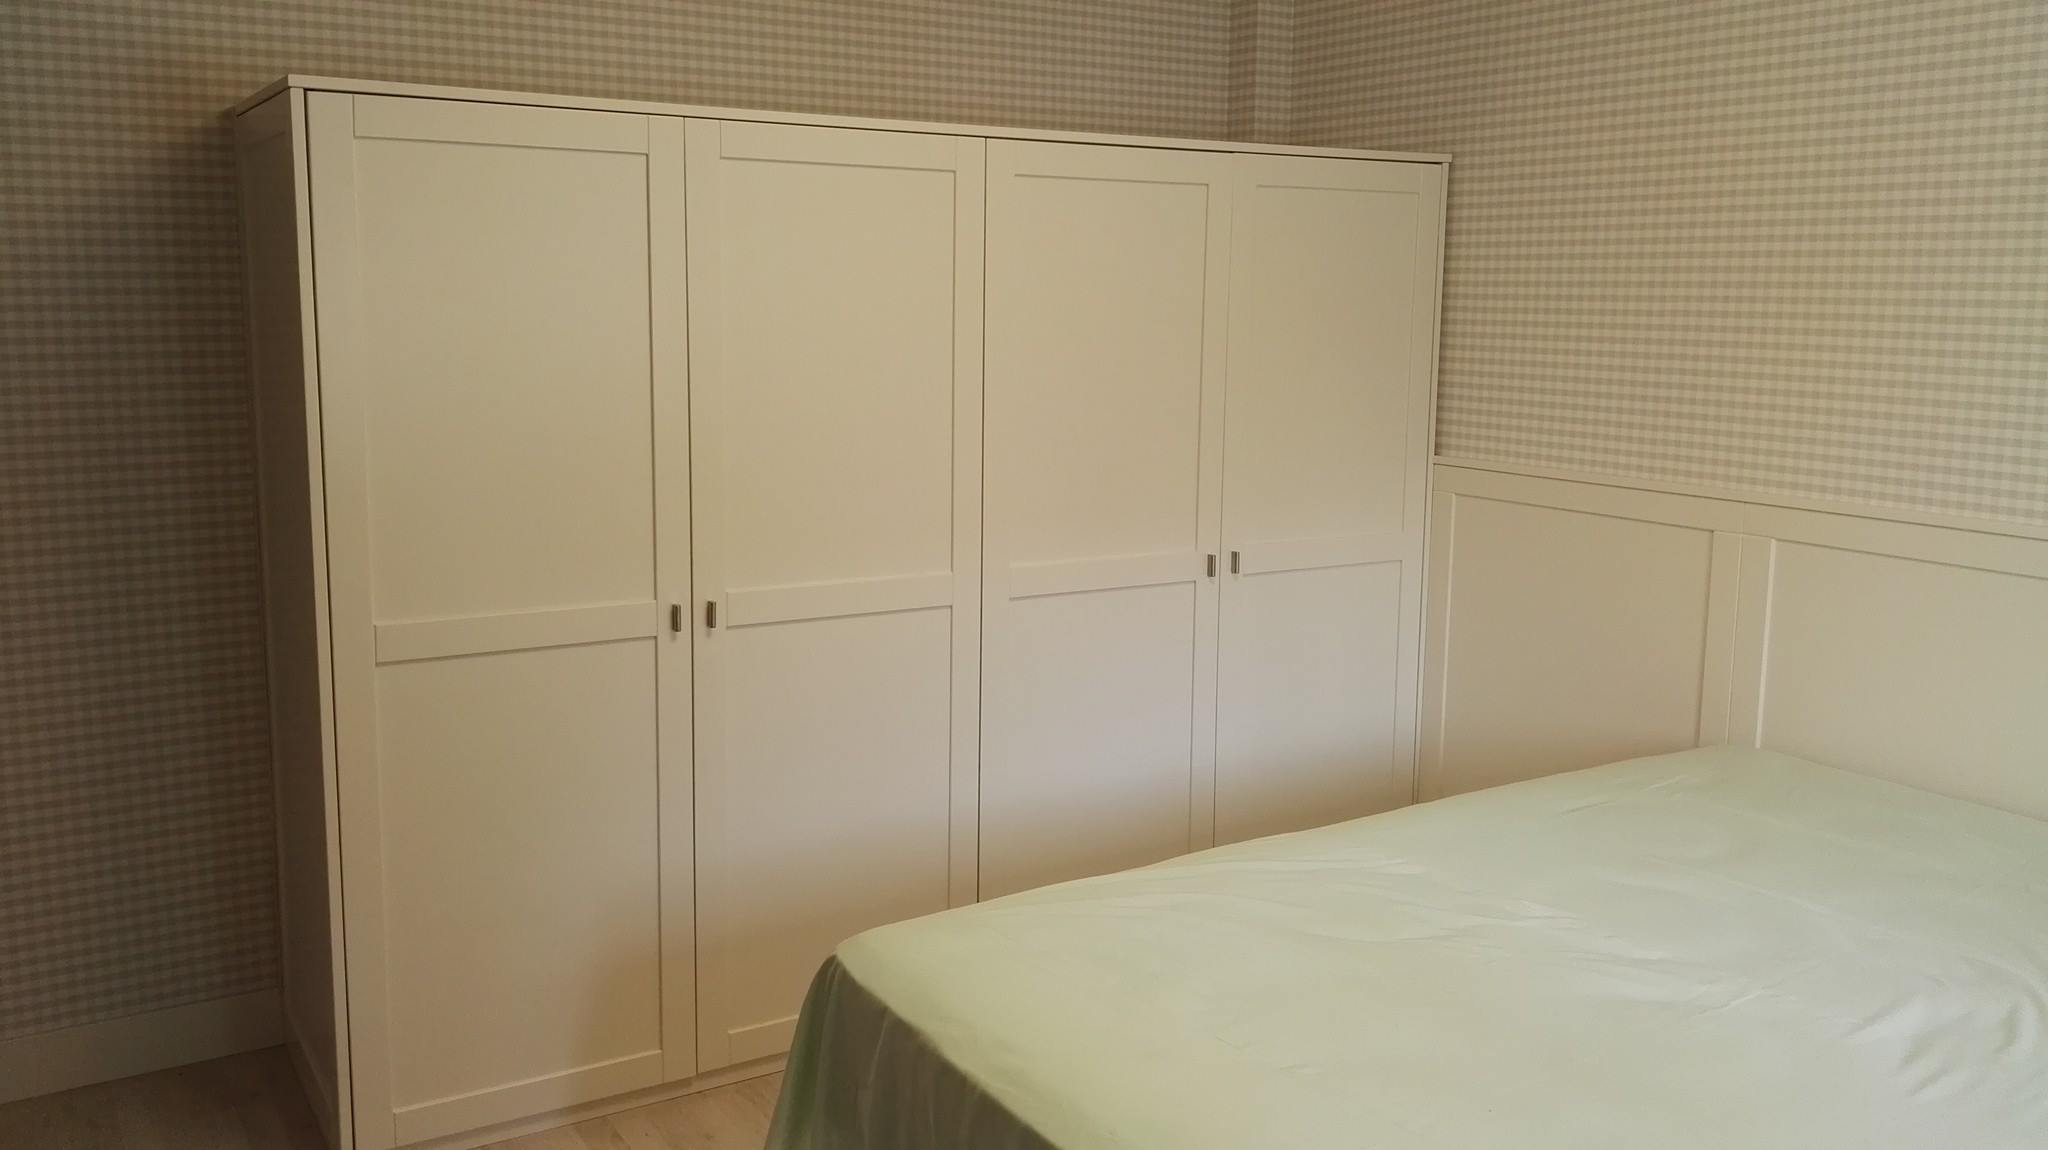 armario blanco bajo